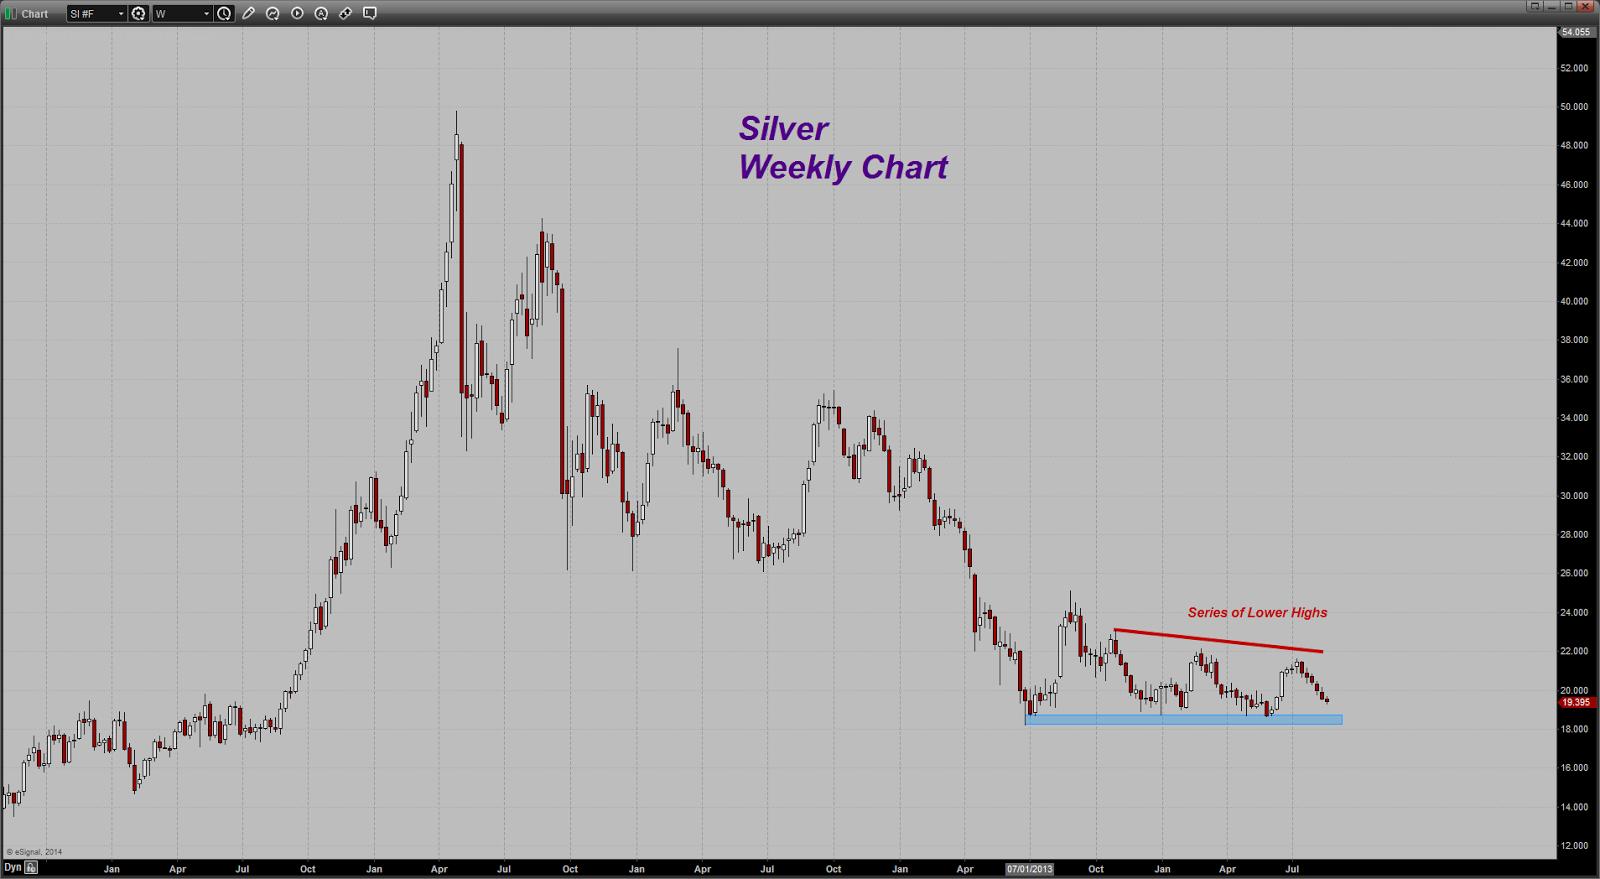 prix de l'or, de l'argent et des minières / suivi quotidien en clôture - Page 13 Chart20140822164704